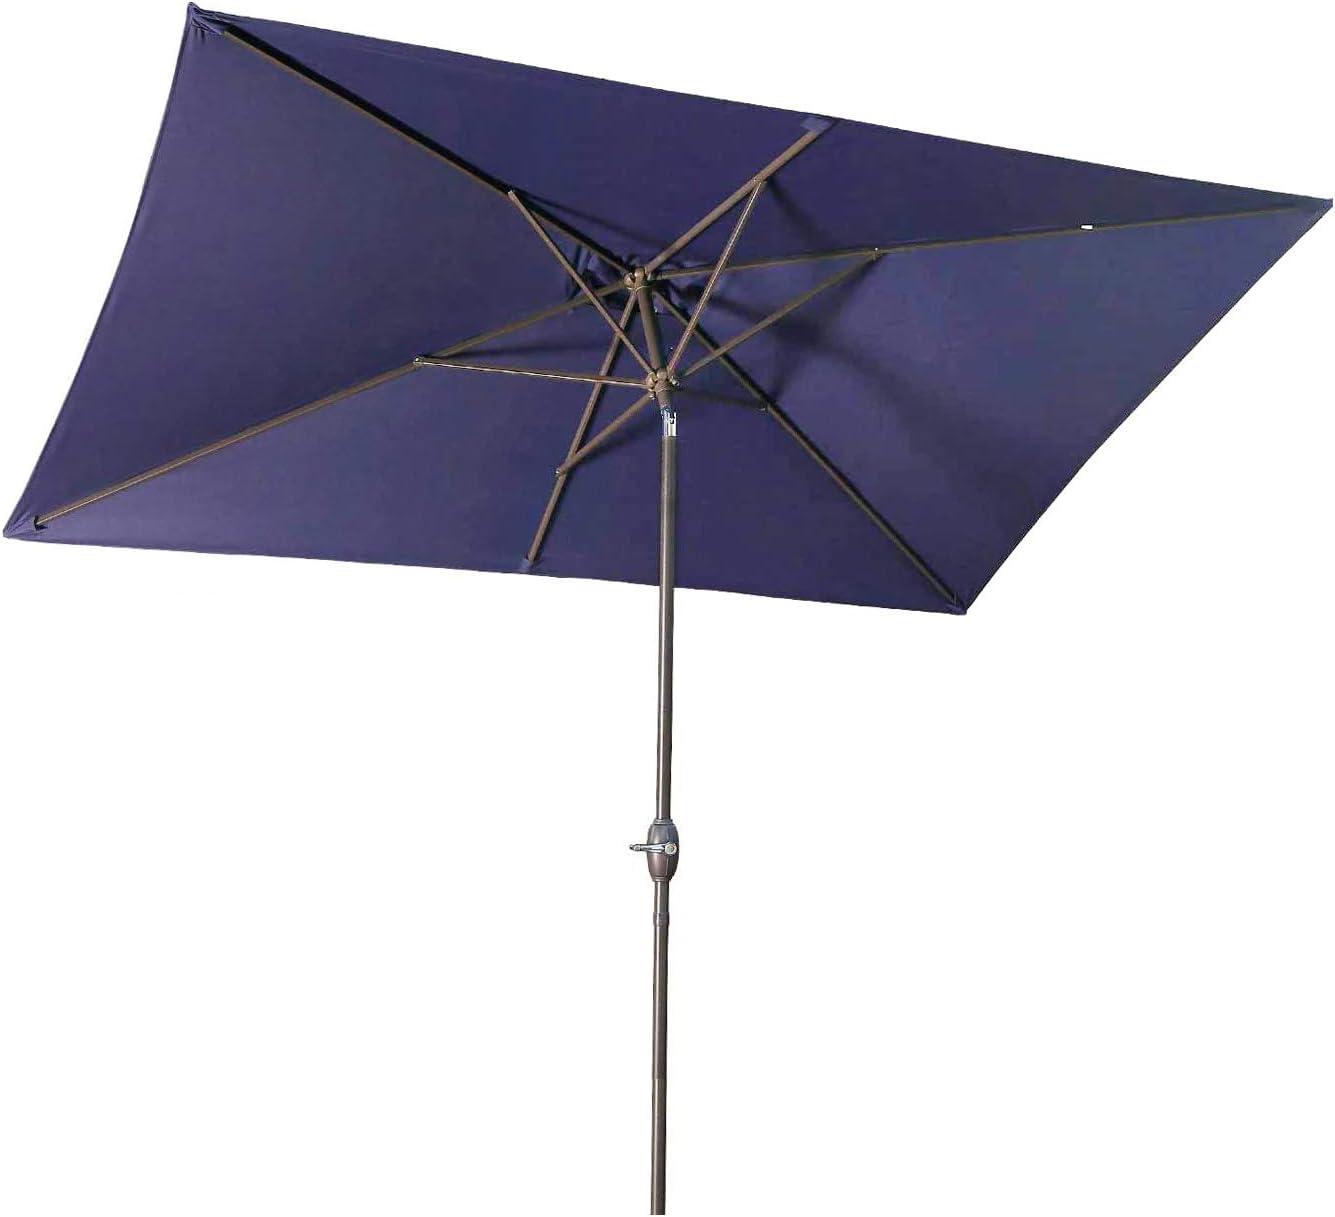 aok garden 6 5 10ft rectangular patio umbrella outdoor table umbrella tilt with push button and crank for deck pool market navy blue